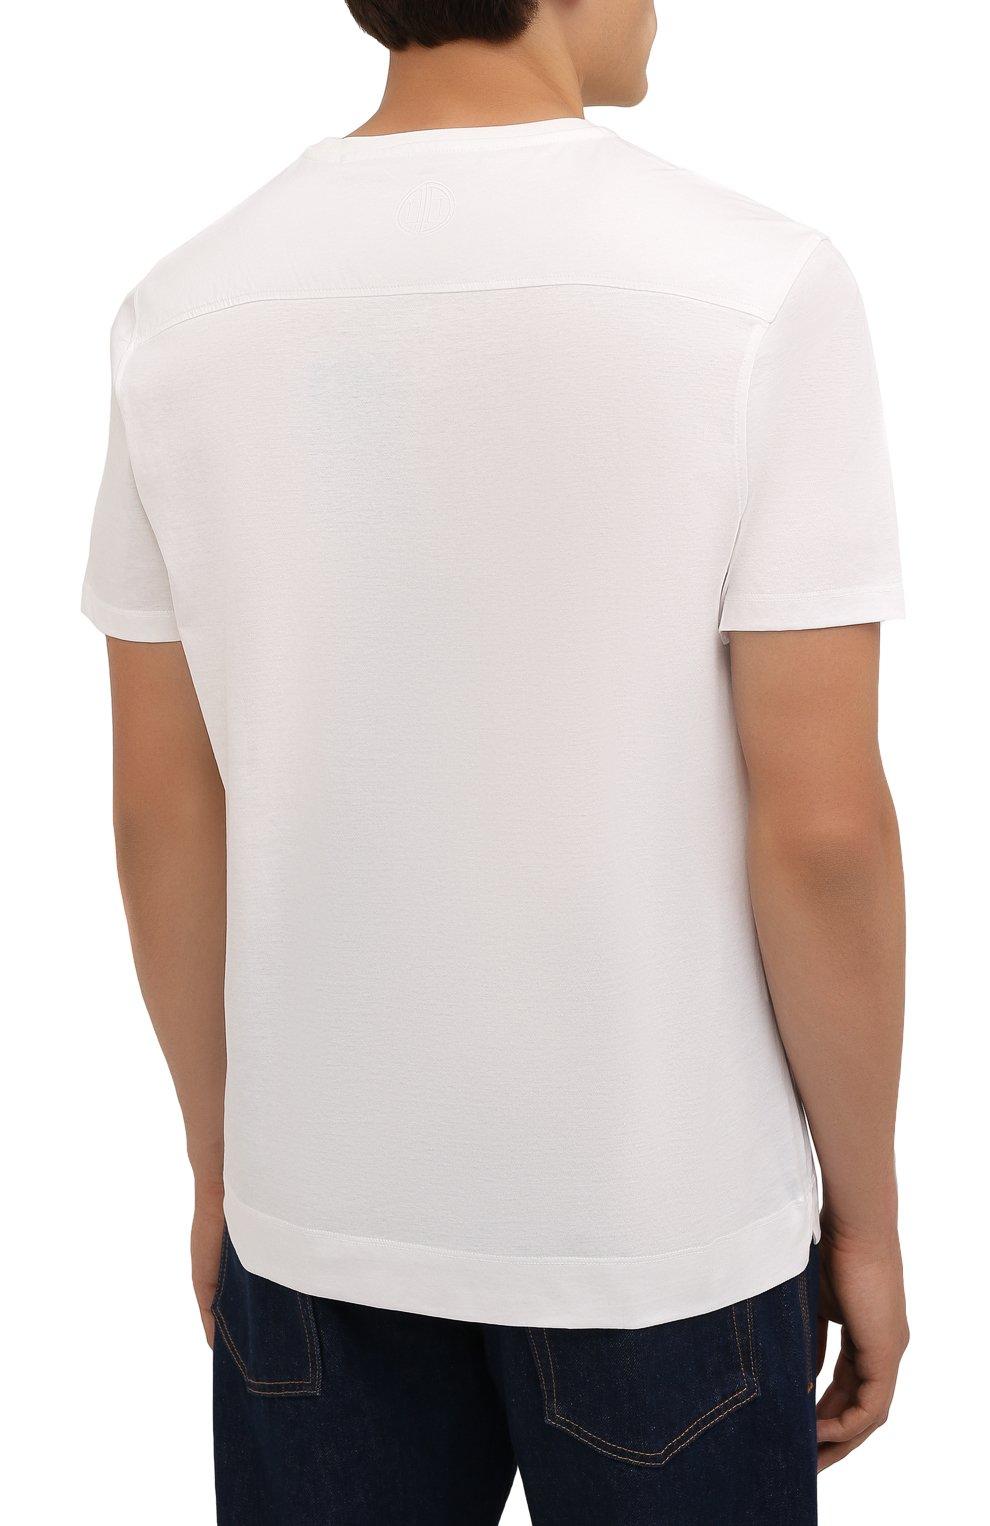 Мужская хлопковая футболка LIMITATO белого цвета, арт. EMBLEM/T-SHIRT | Фото 4 (Принт: Без принта; Рукава: Короткие; Длина (для топов): Стандартные; Материал внешний: Хлопок)